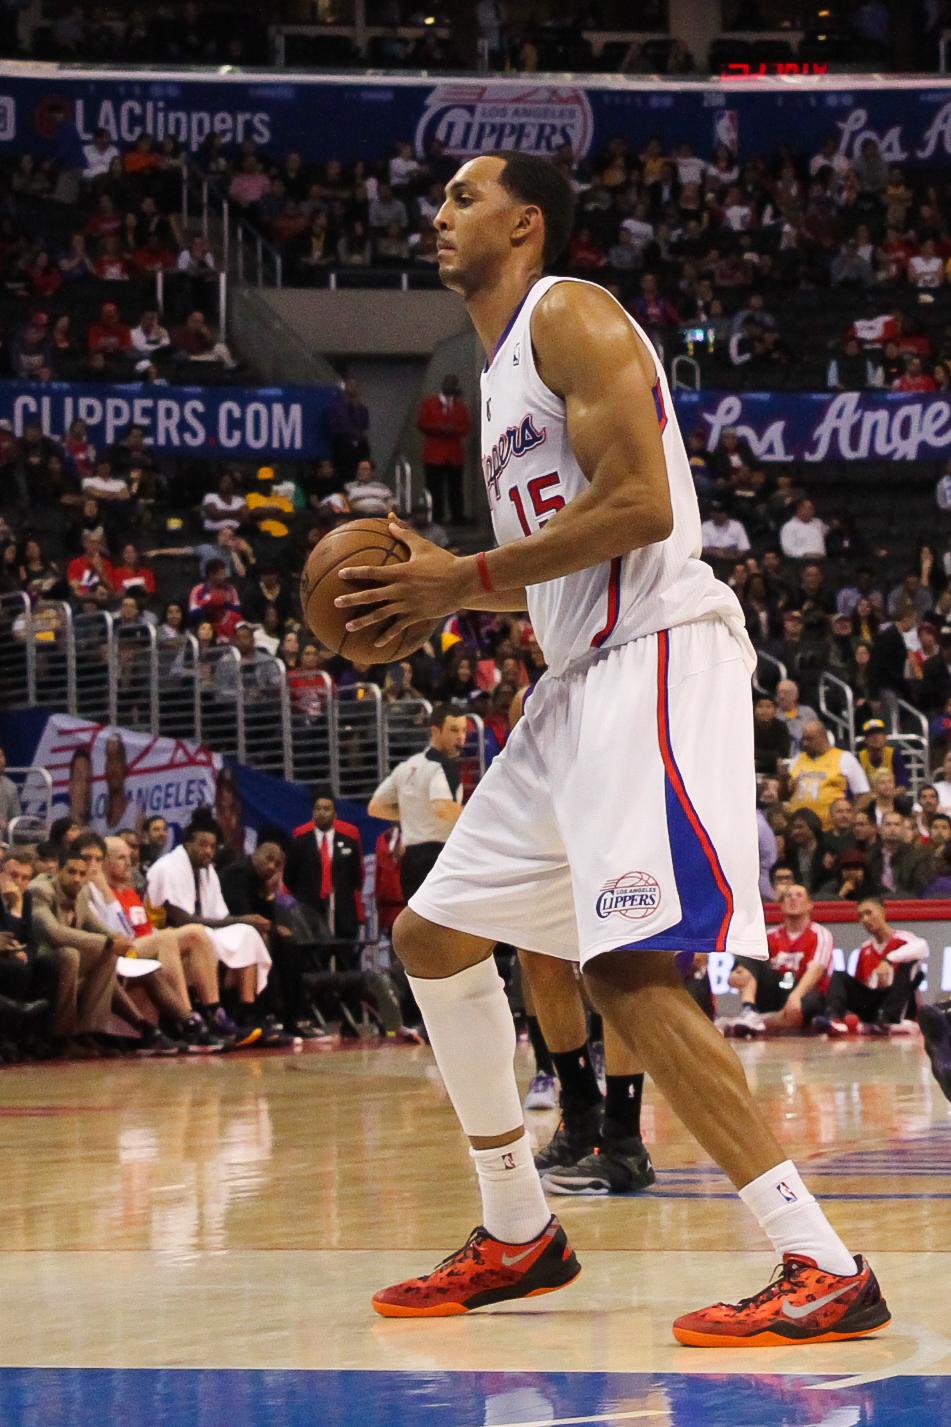 Photos by Varon P. Lakers-34.jpg